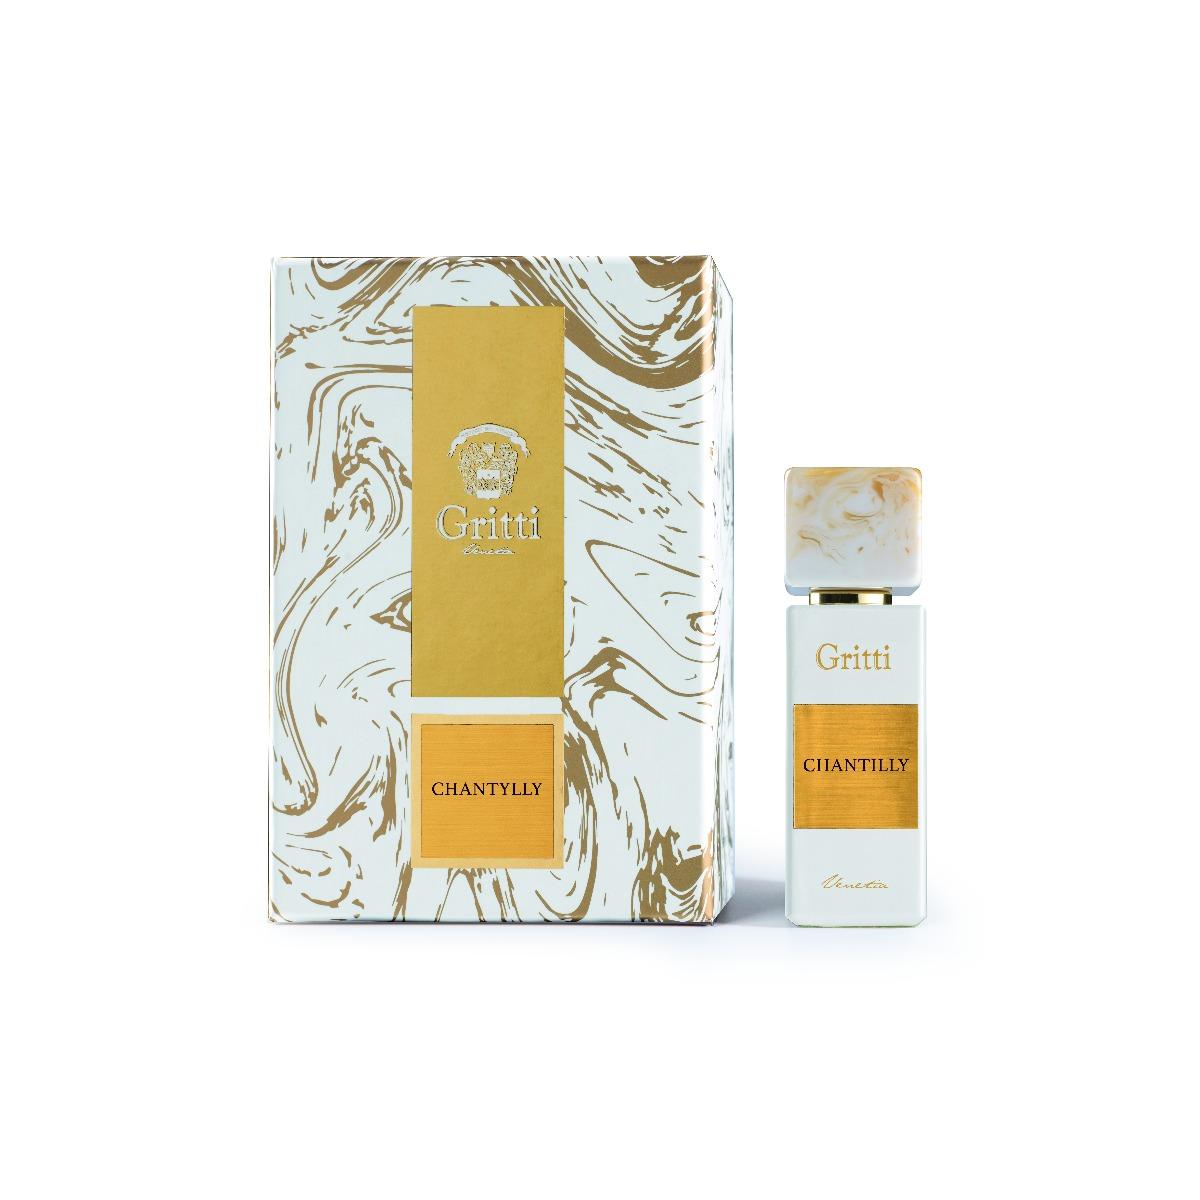 Gritti - Chantilly - White Kollektion - Eau de Parfum 100 ml